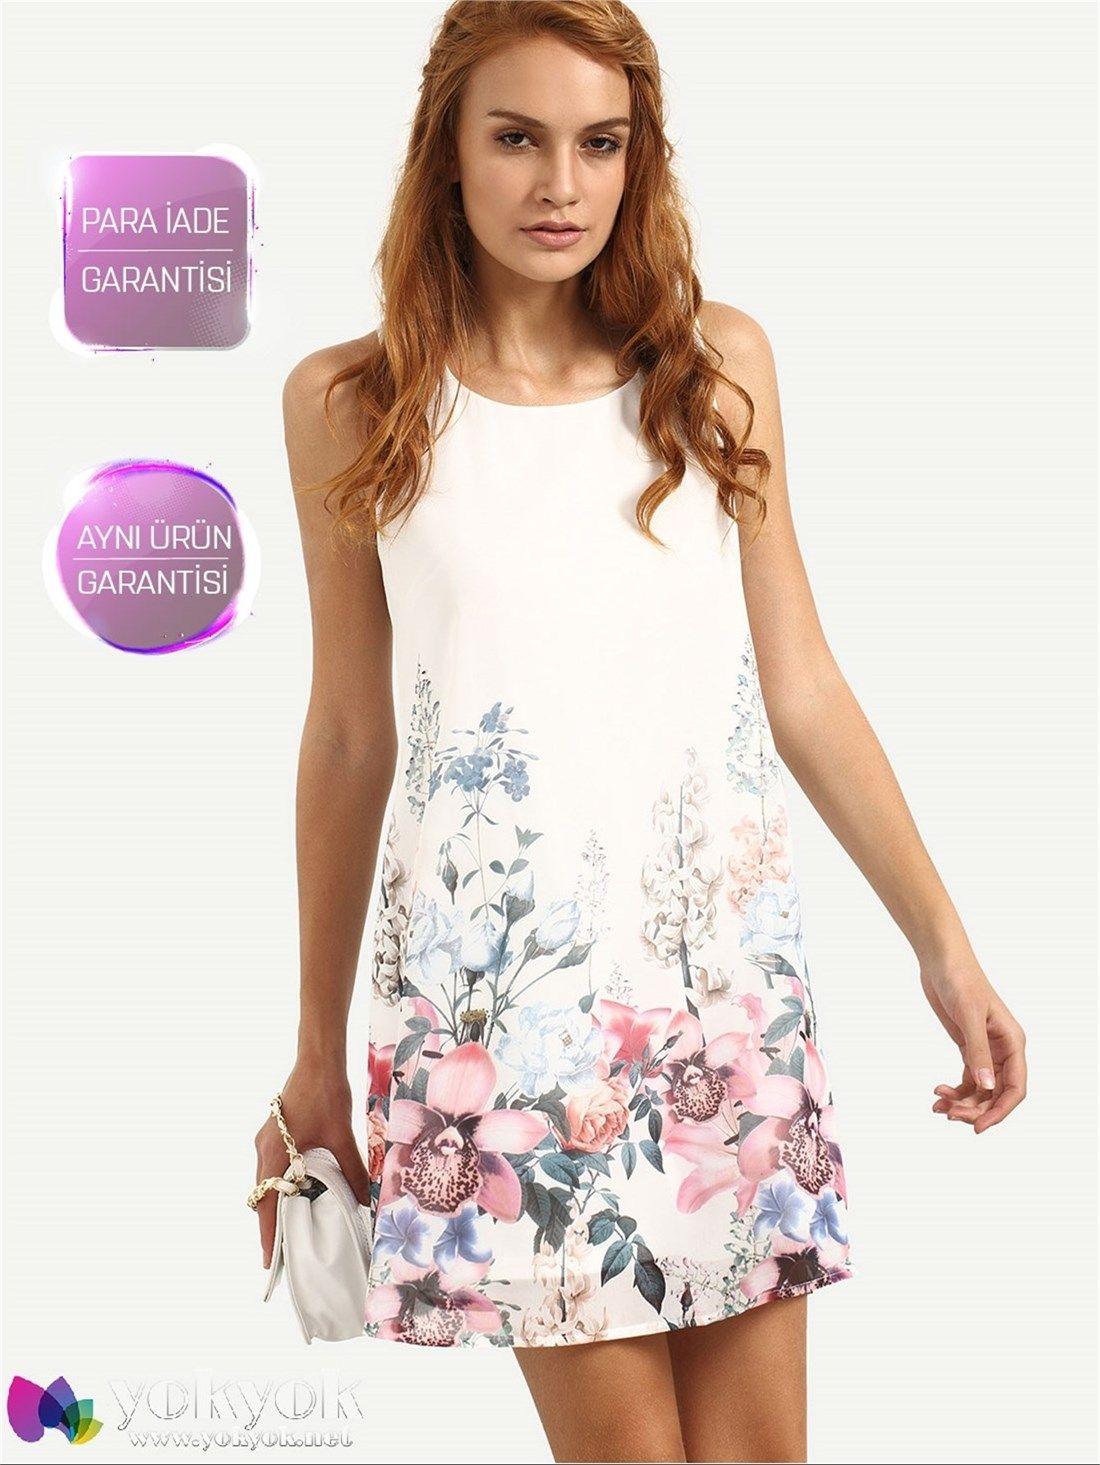 Beyaz Cicek Desenli Yazlik Elbise Kisa Elbiseler Kadin Giyim Kiyafet